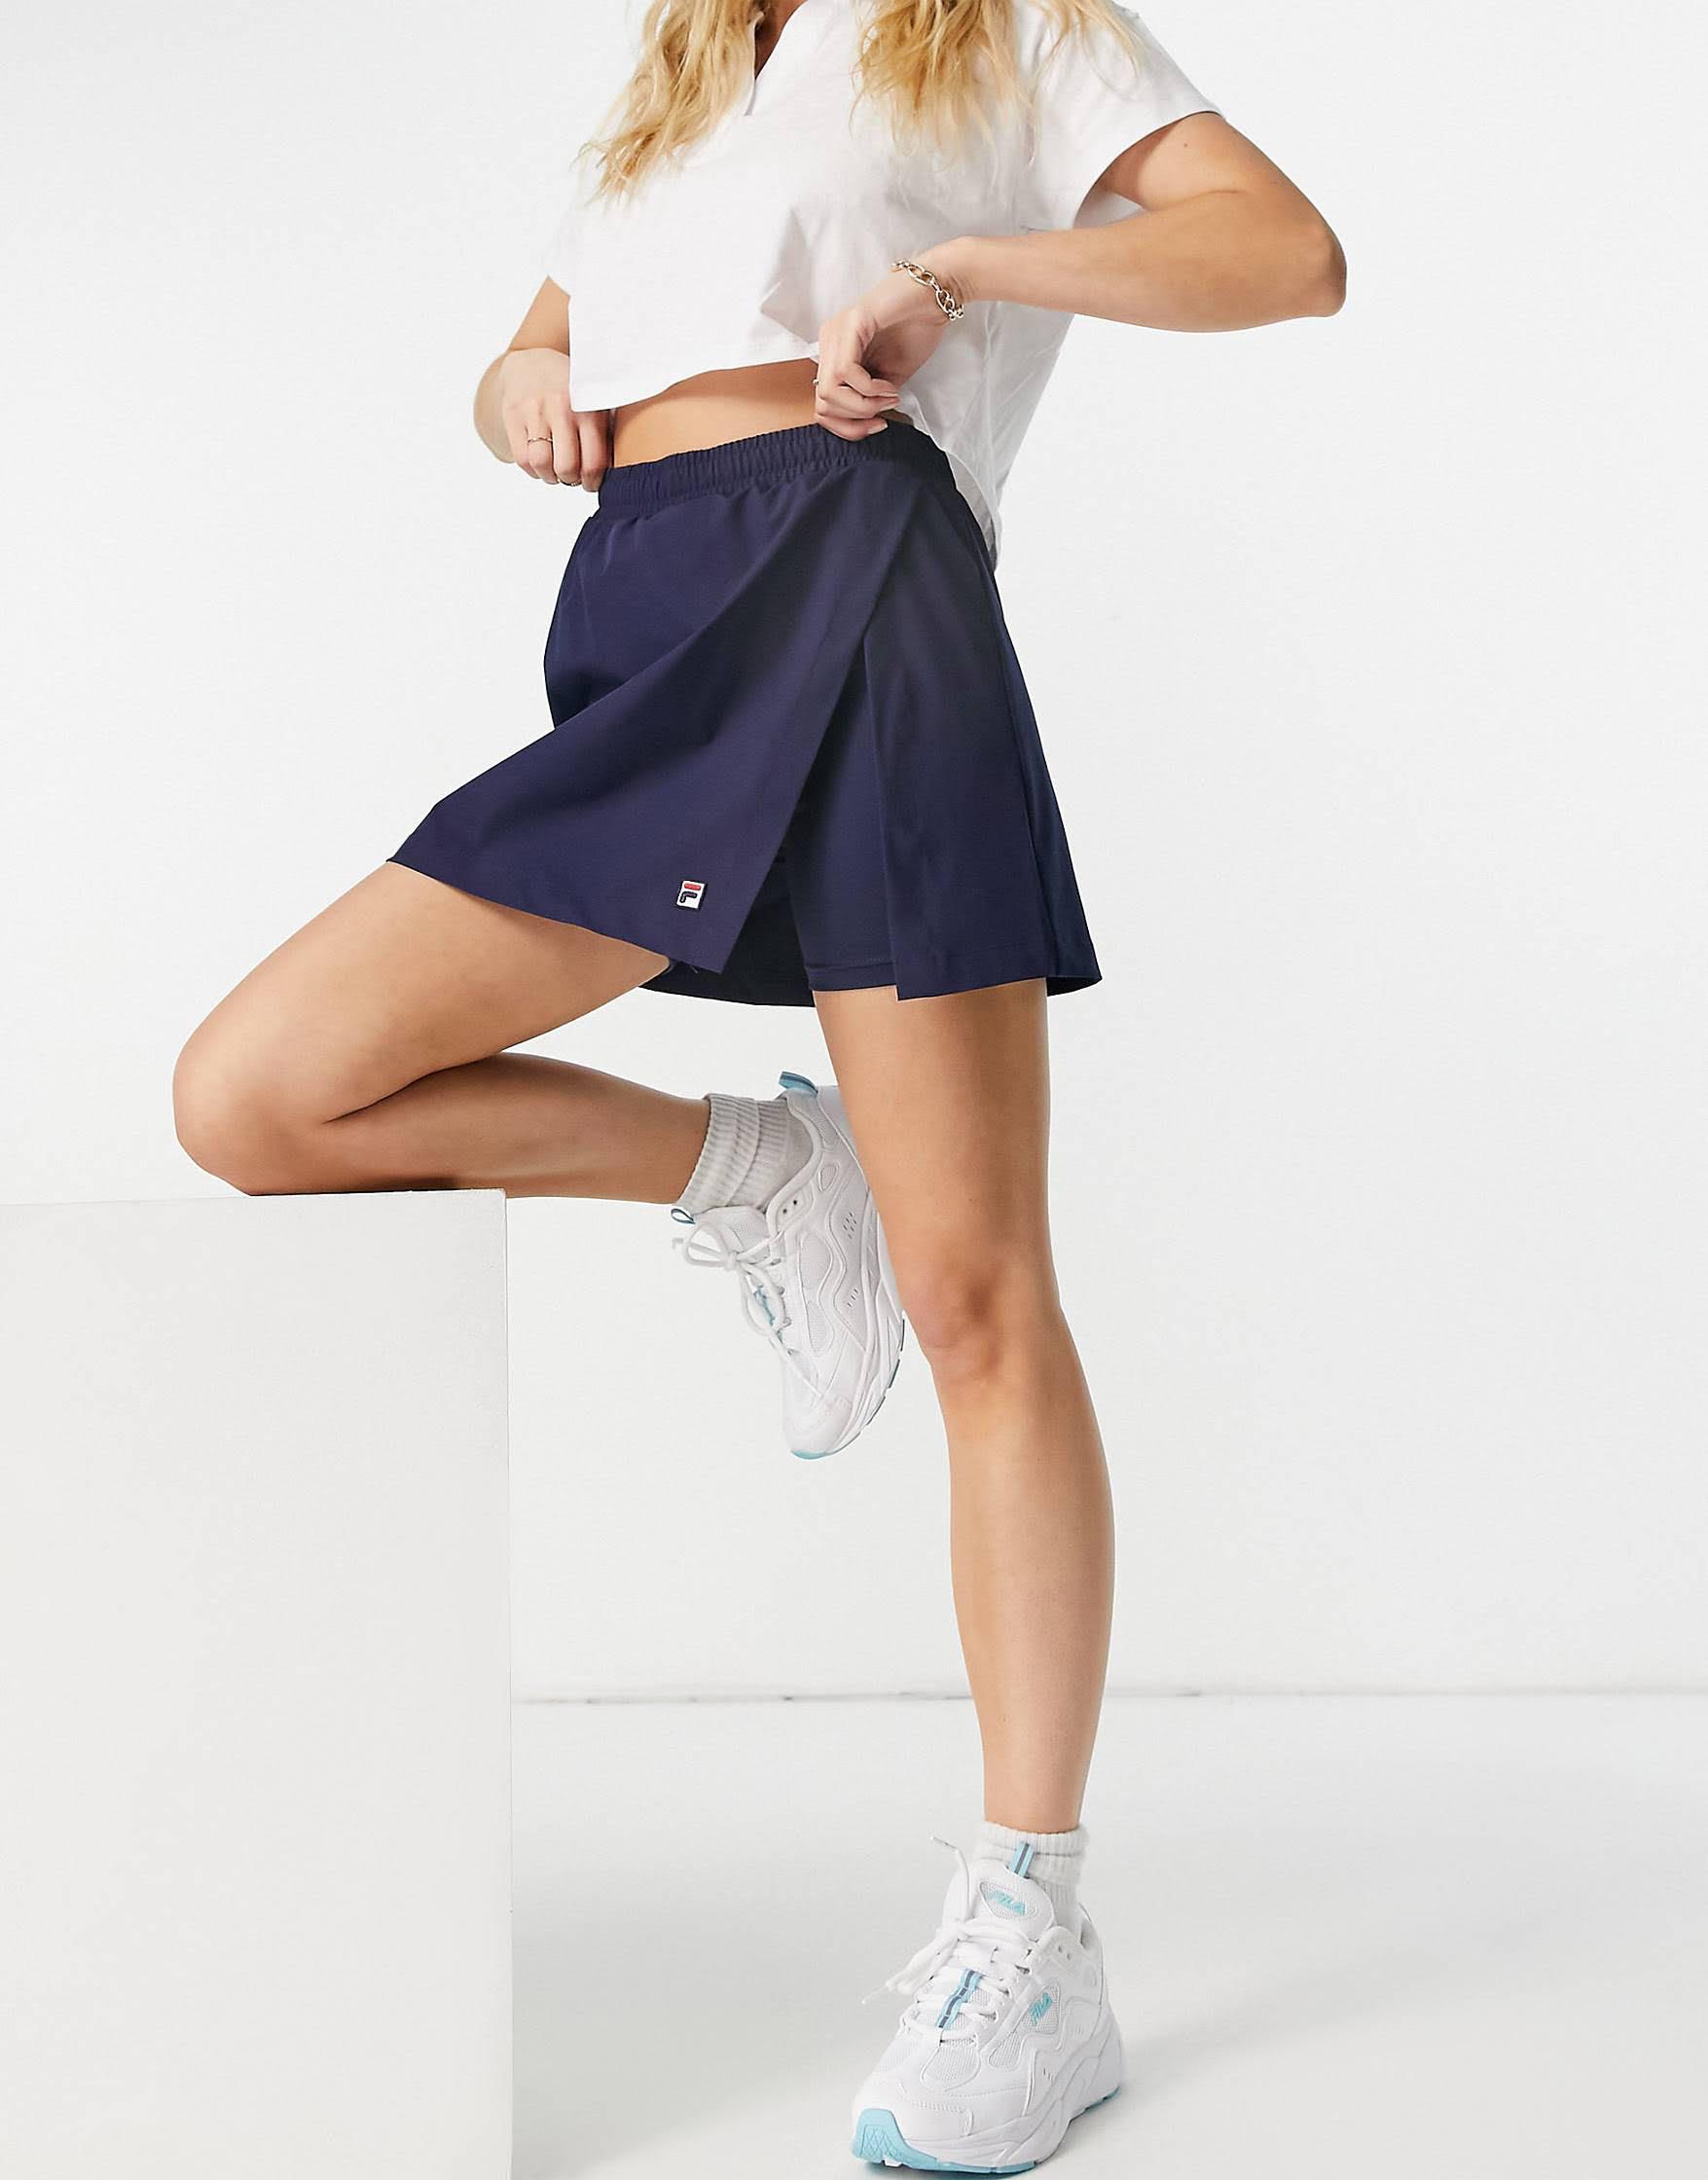 Falda pantalón azul marino con logo cuadrado de Fila